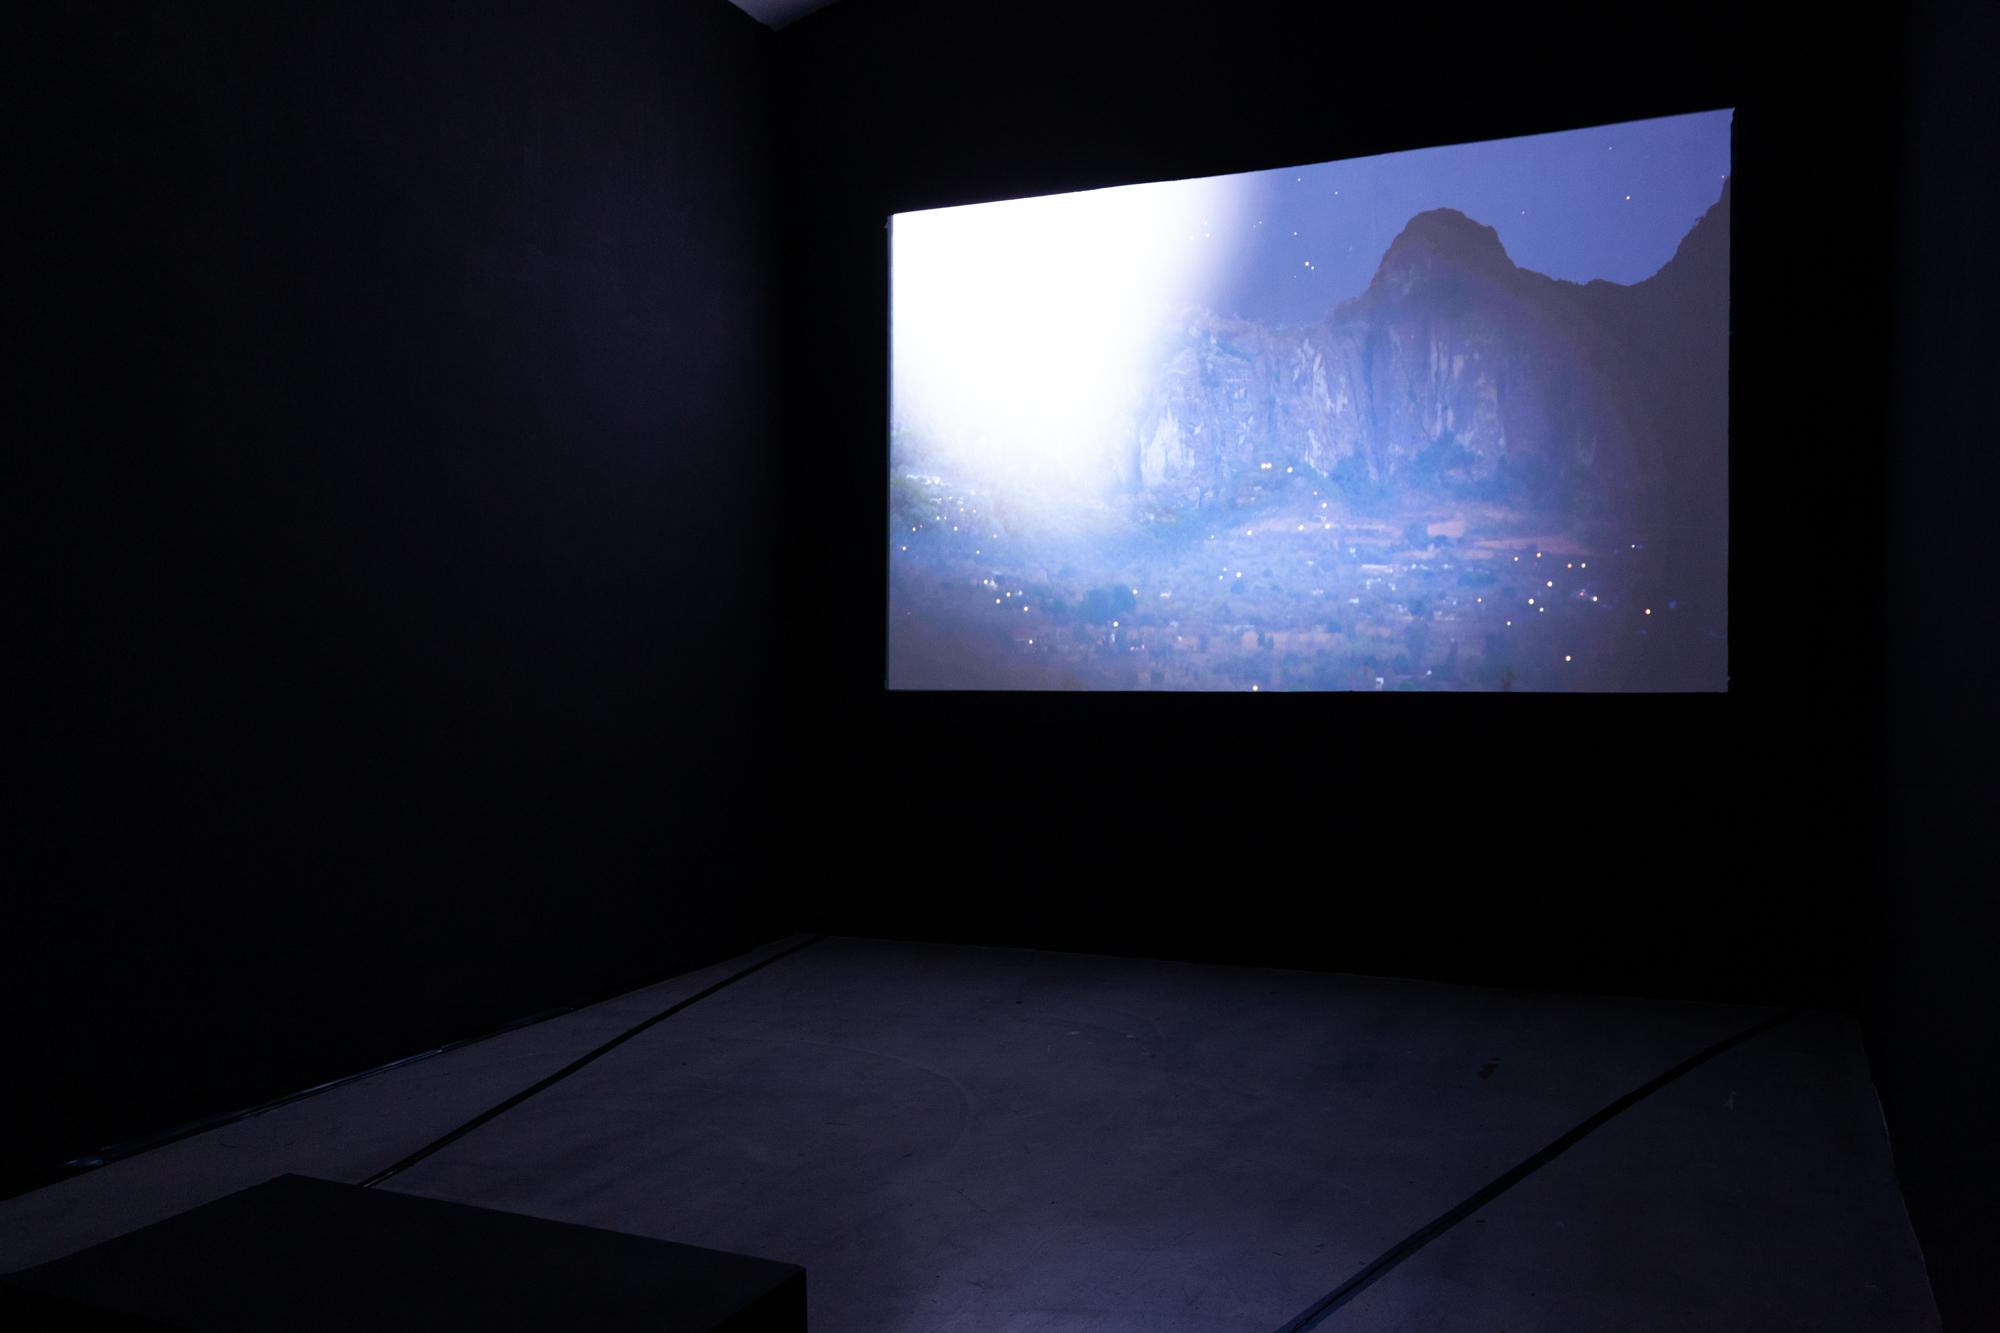 Installationsansicht NOCHE BUENA, Julien Devaux, Foto: Björn Segschneider